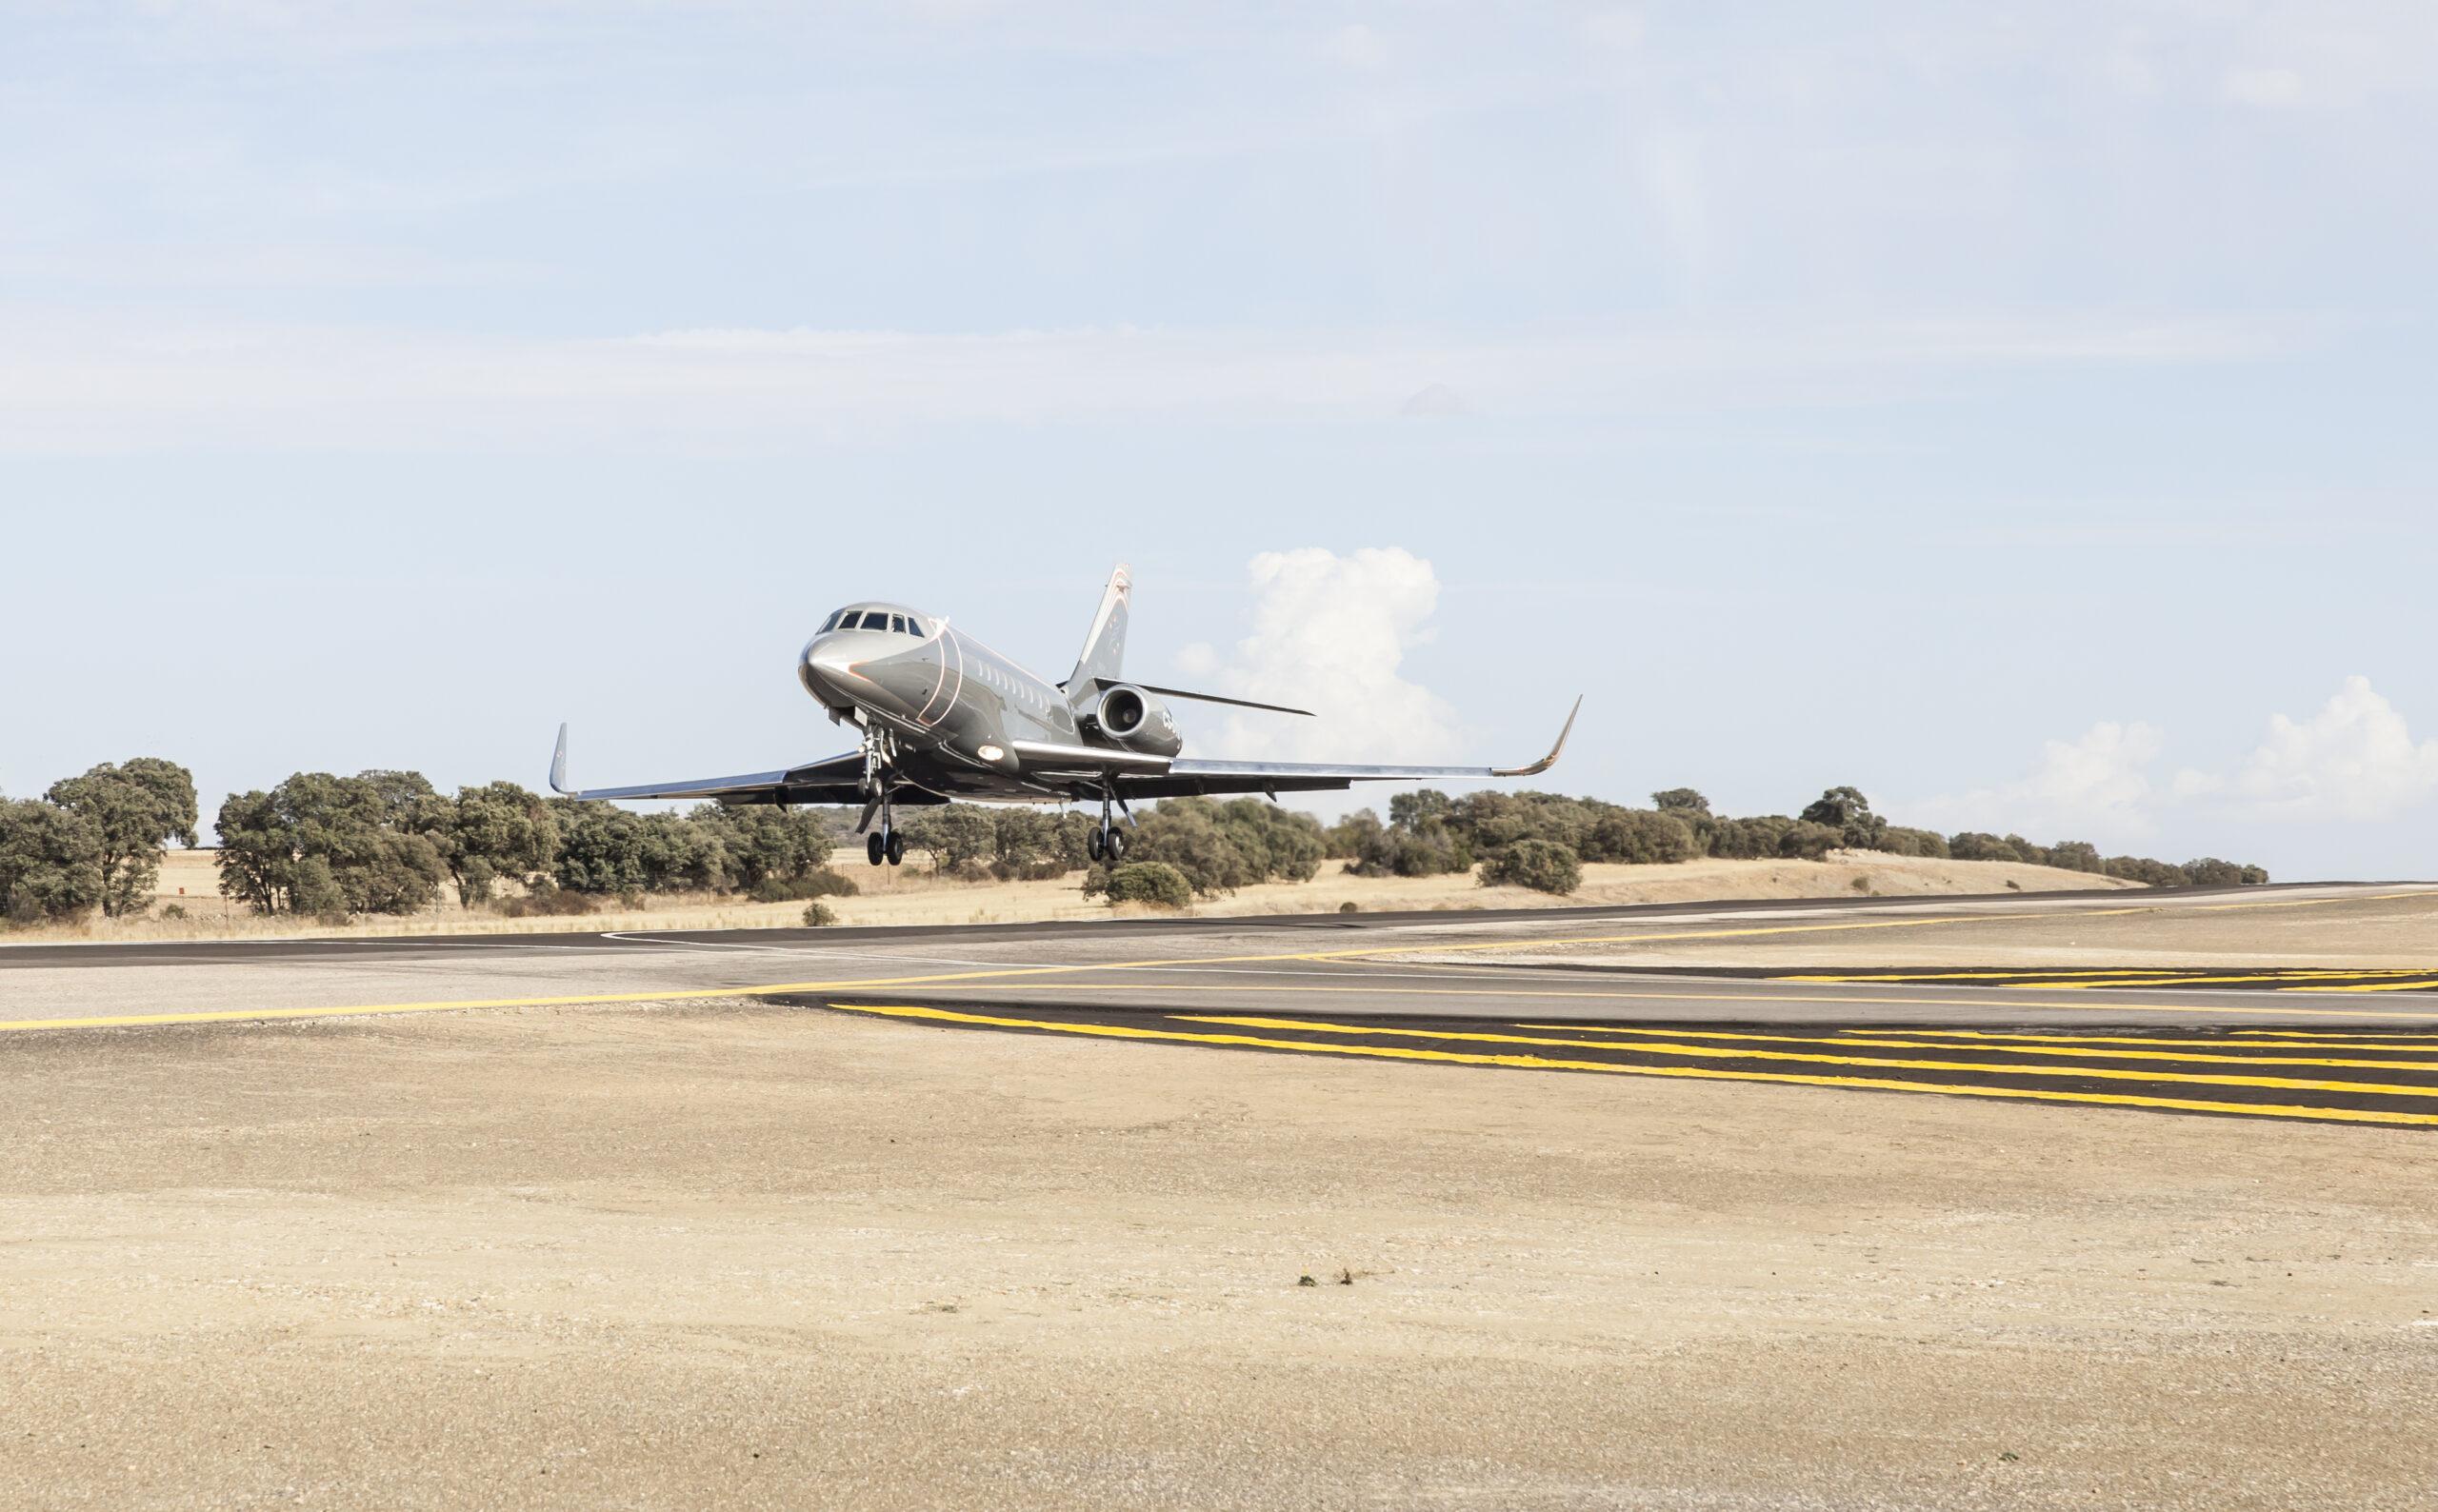 Private runway at Spanish estate